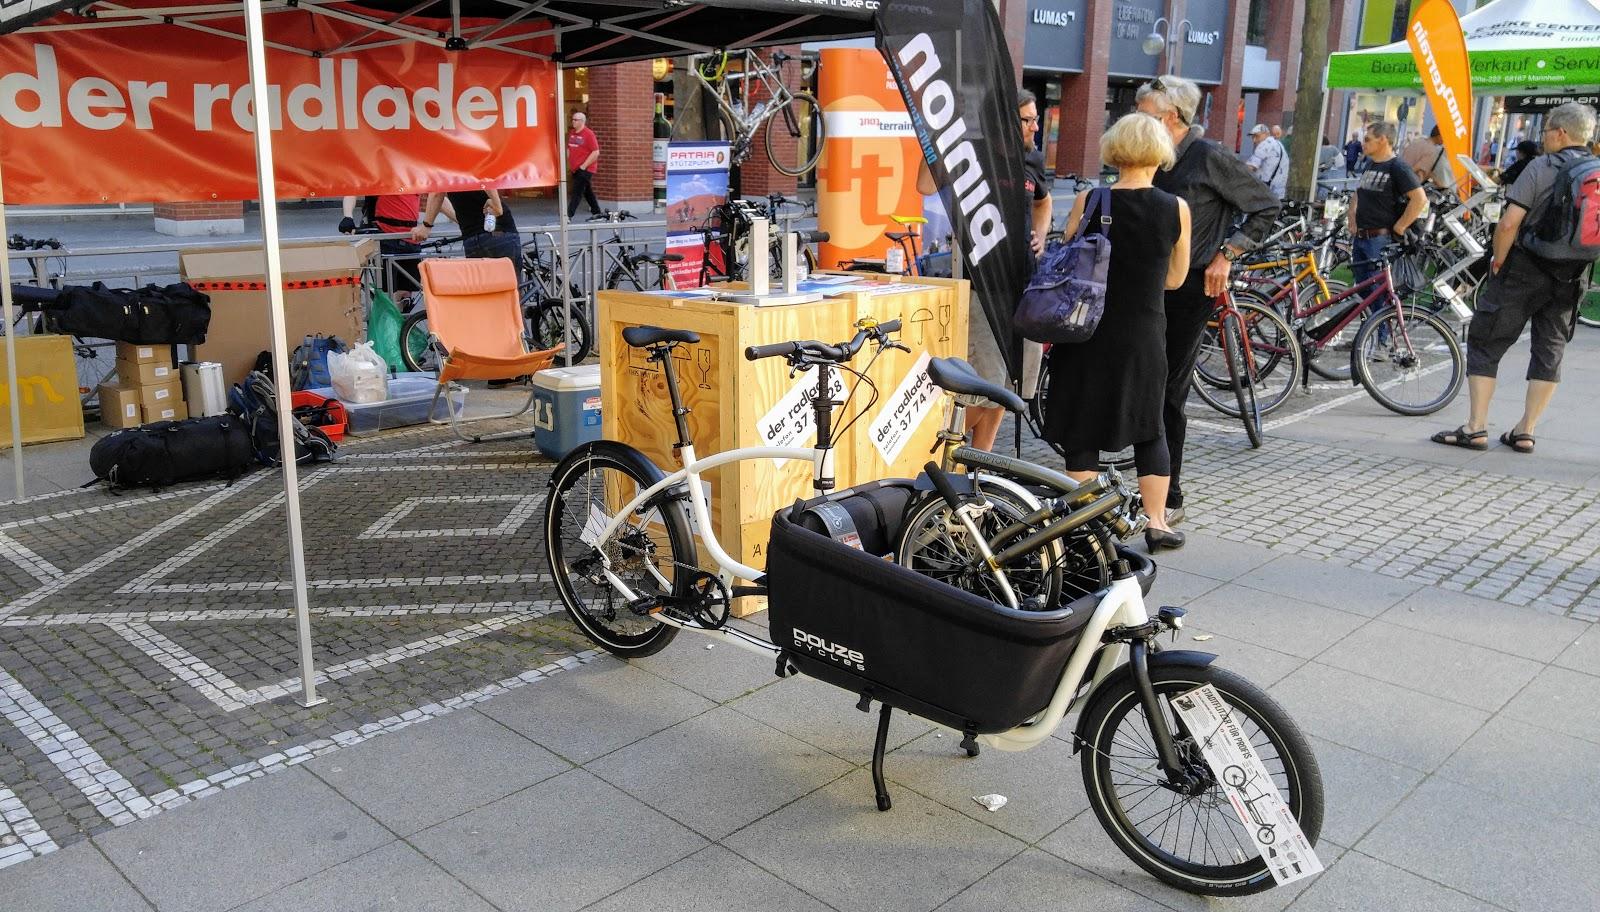 der radladen - fahrräder in mannheim: 8. mannheimer radsalon